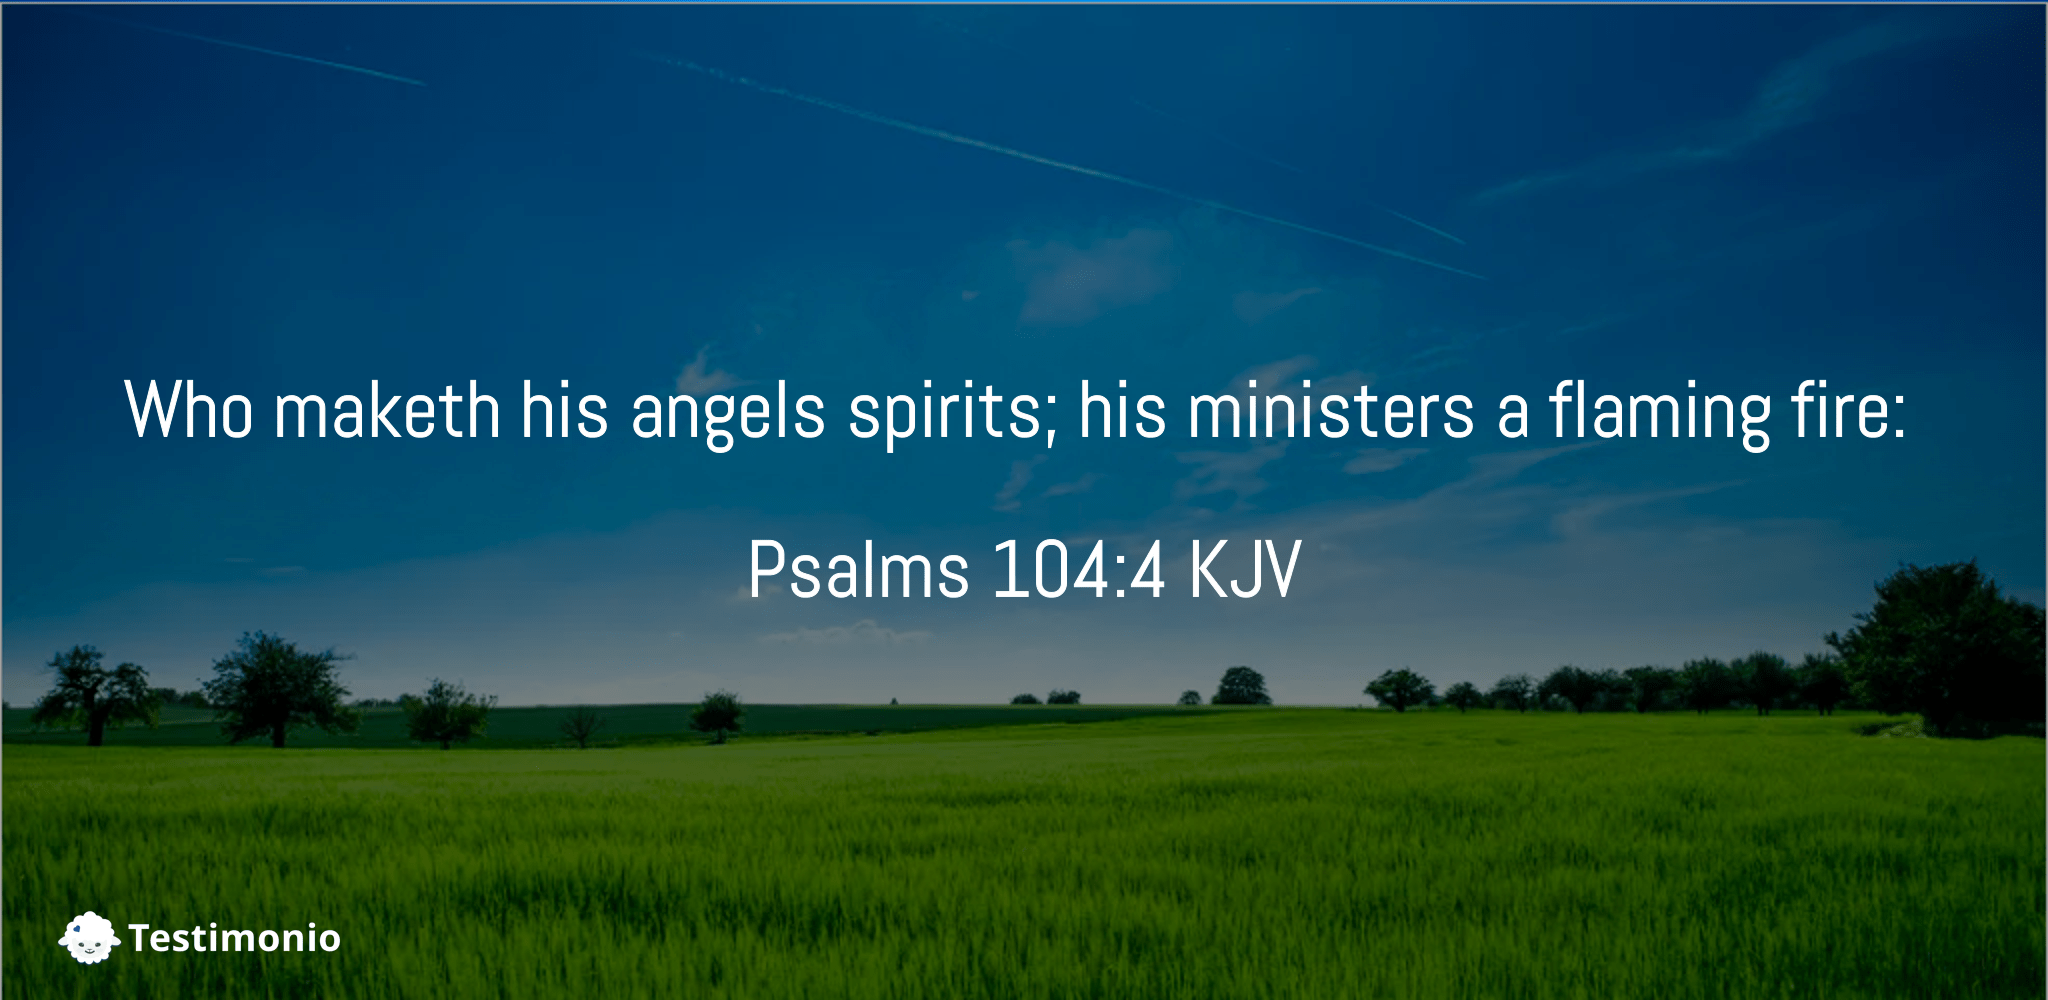 Psalms 104:4